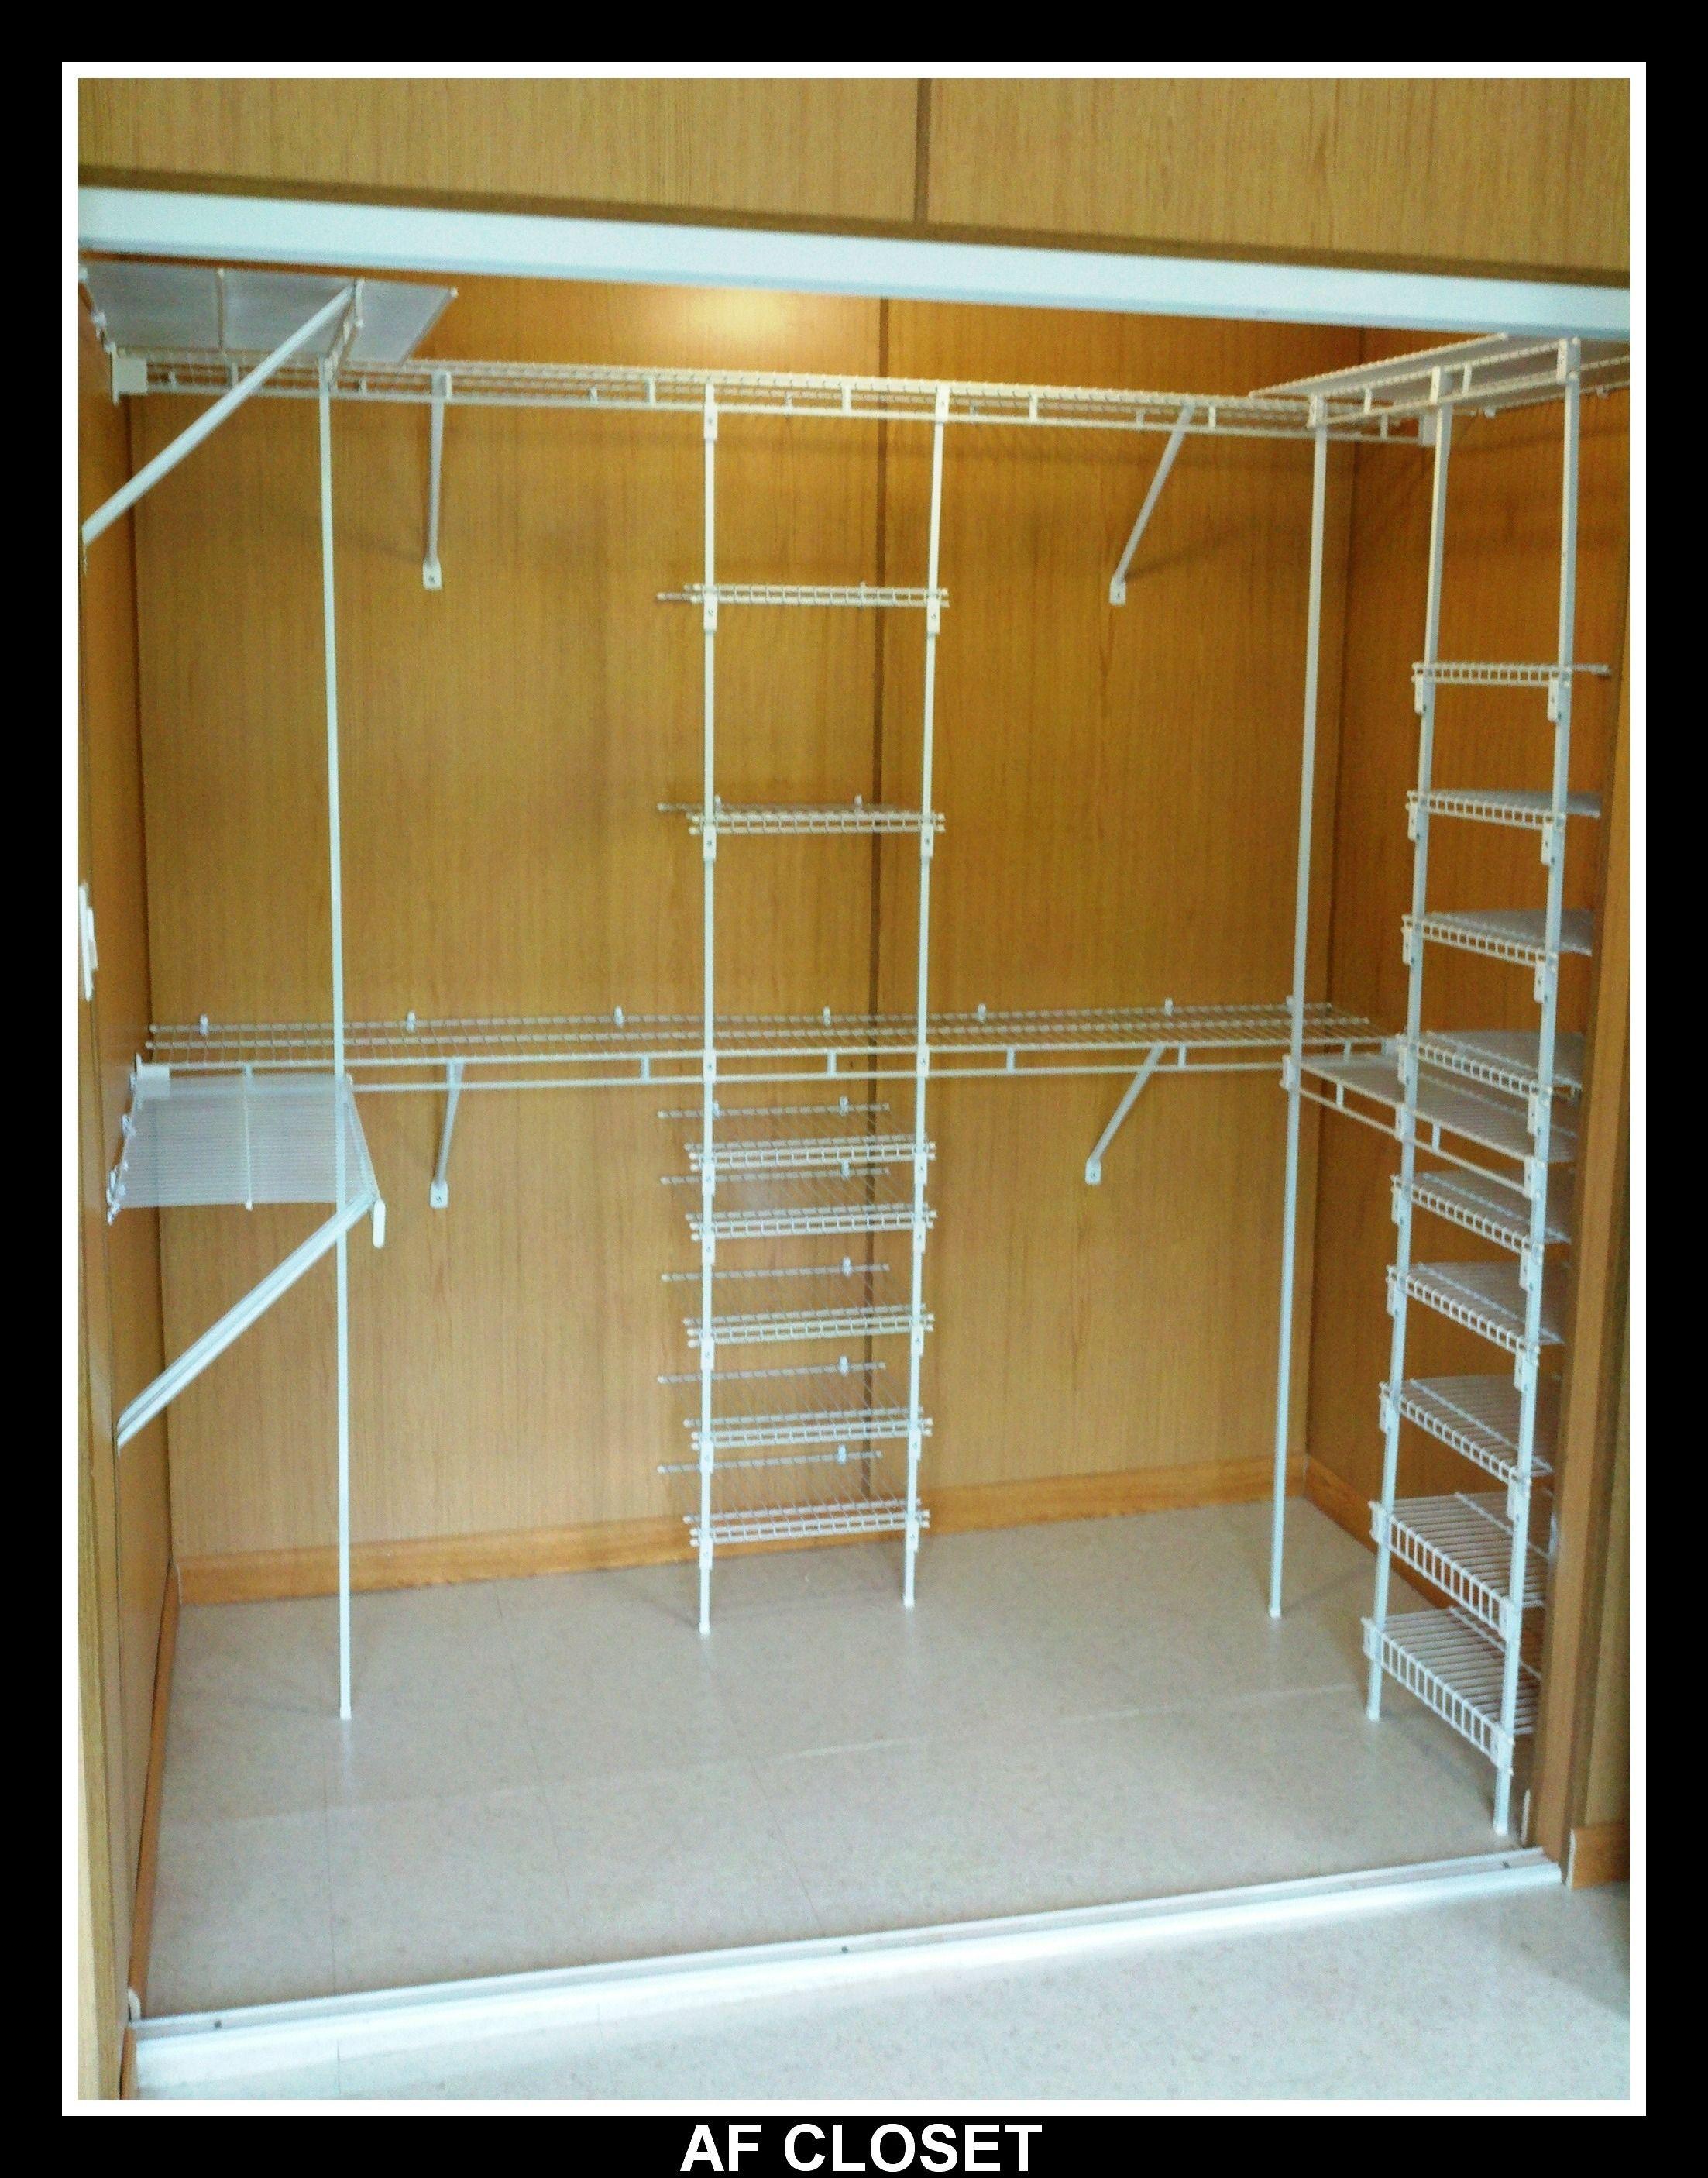 armazenamento o non prateleira closet woven em cinzento ado rios tiers p cal de suspens para sapato pt acess organizador suporte caixa